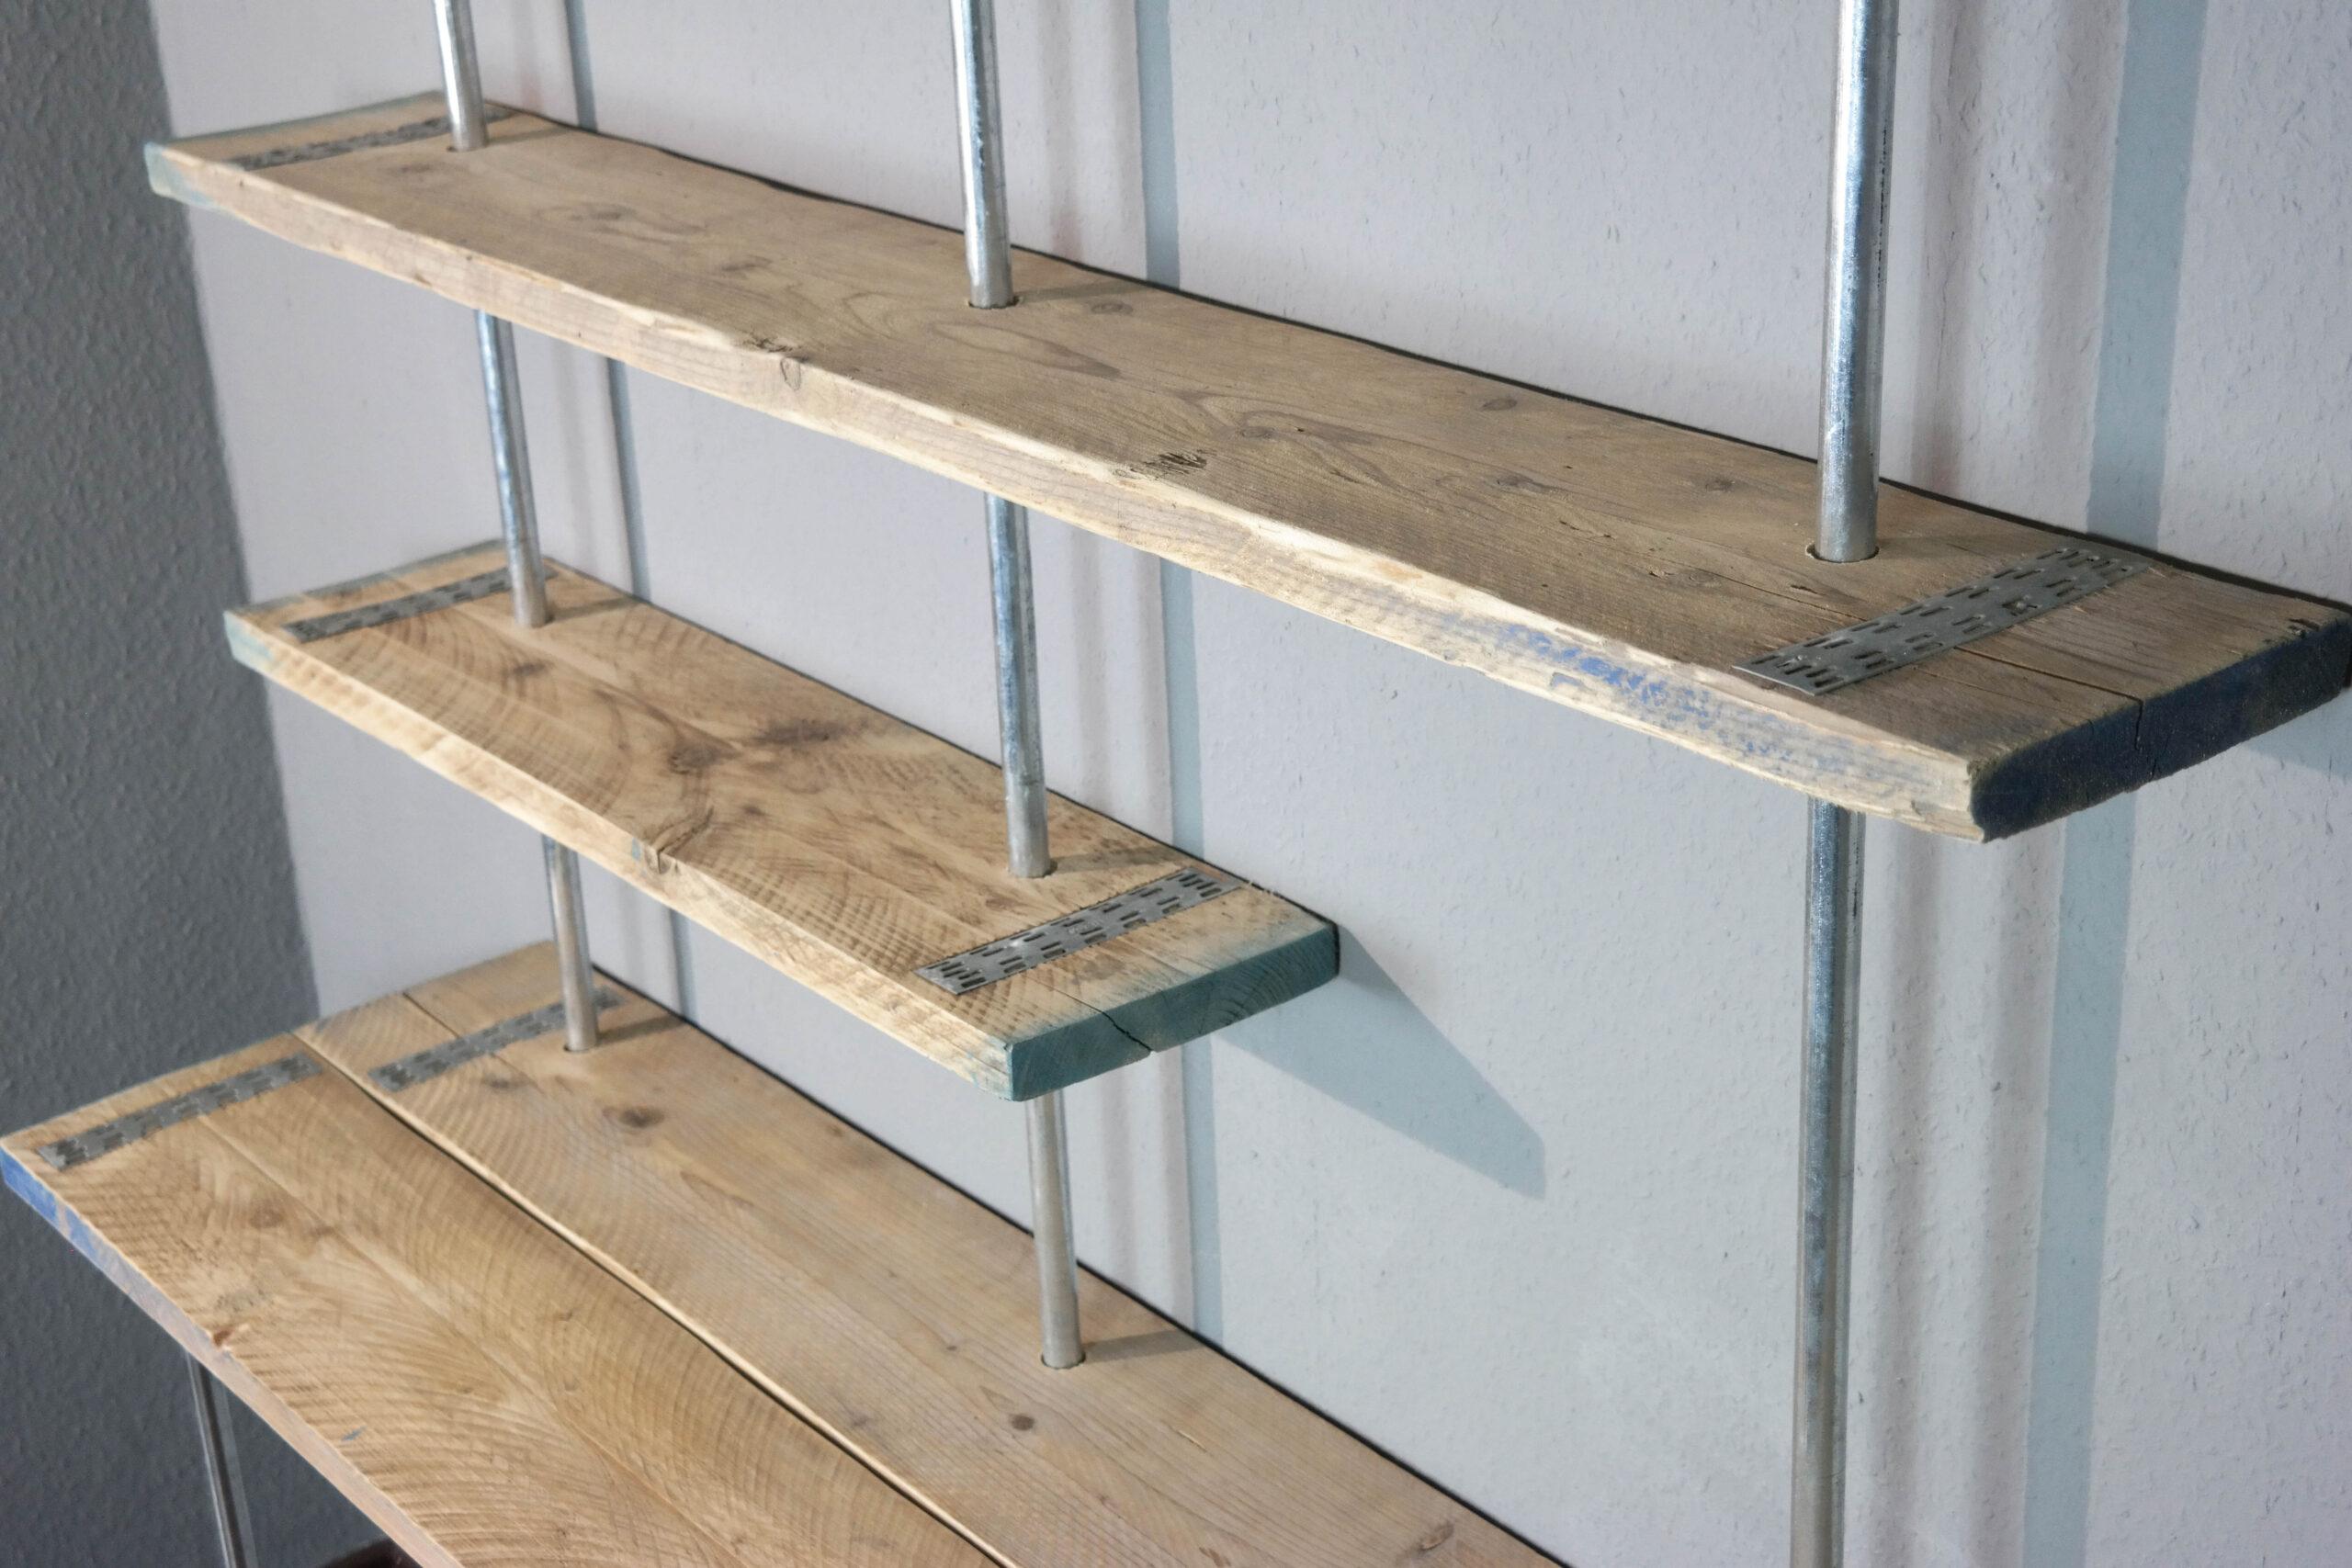 Full Size of Industrieregal Gebraucht Kleinanzeigen Industrie Regal Metall Schwarz Ikea Regale Wohnzimmer Industriedesign Design Aldi Holz Selber Bauen Regalsysteme Regal Industrie Regal